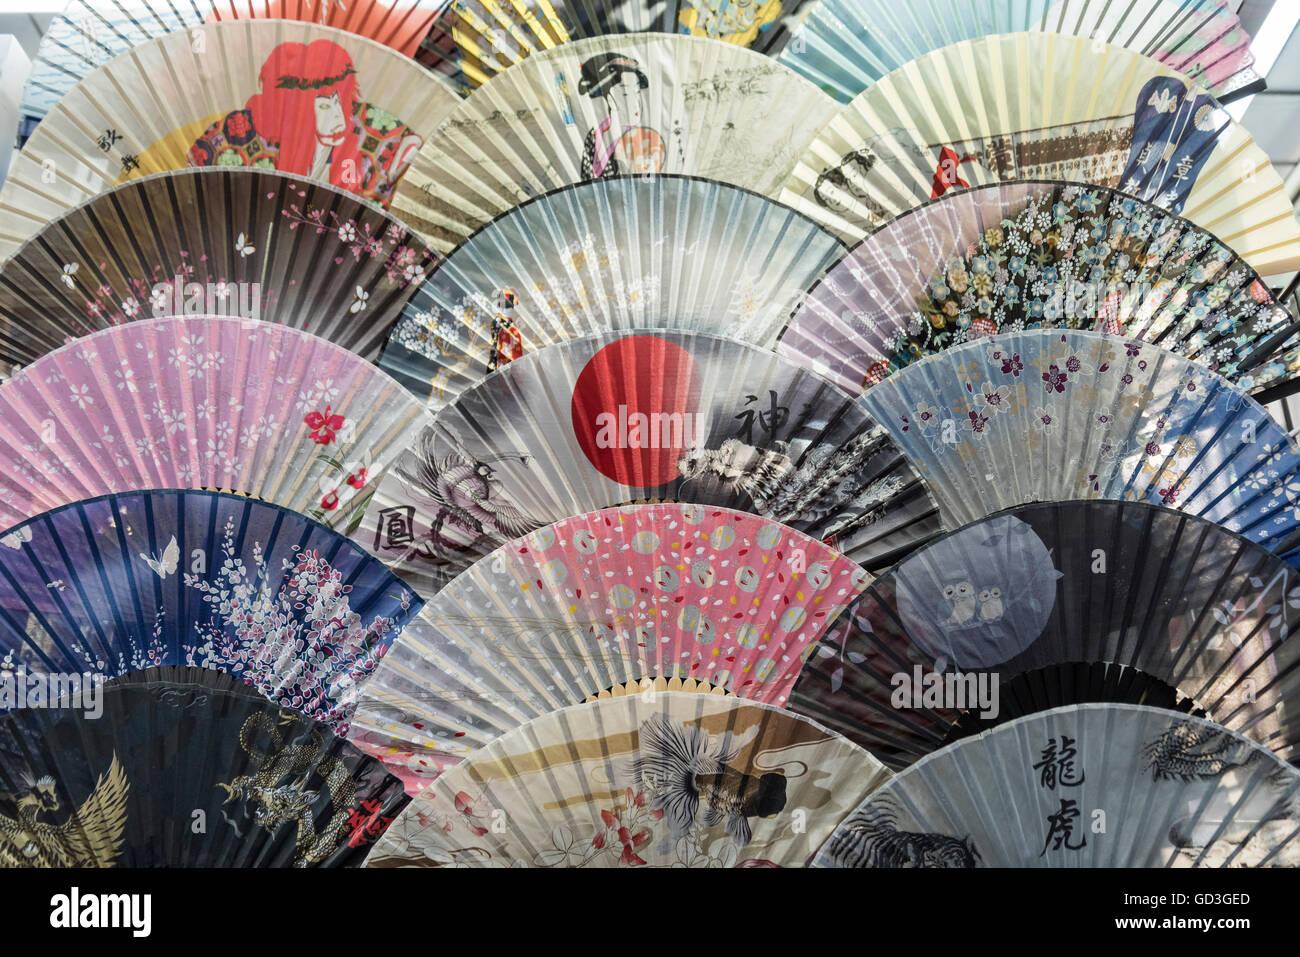 Abanicos tradicionales japoneses, Asakusa, Tokio, Japón Imagen De Stock